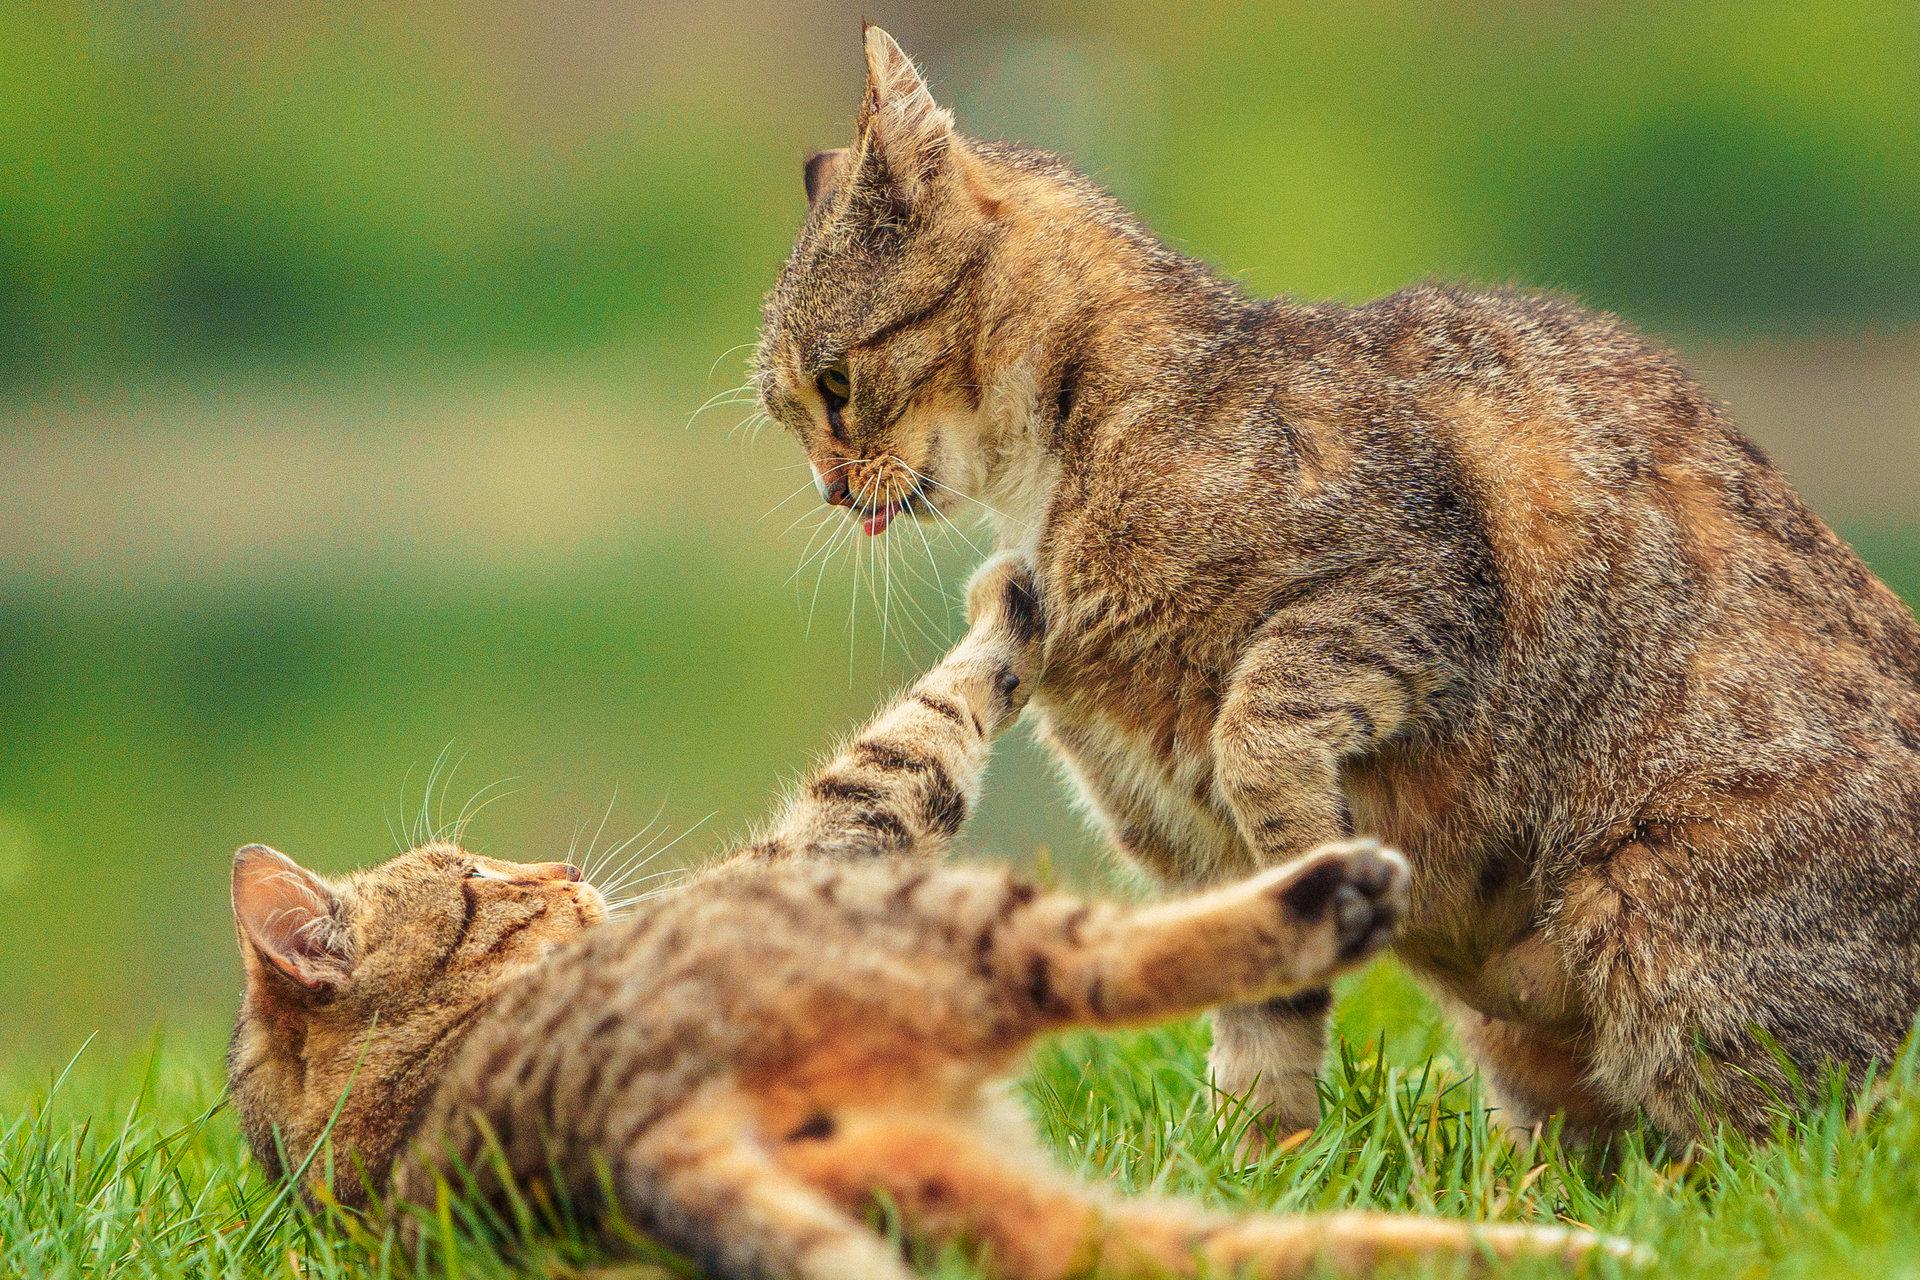 Photo in Pets | Author Anton Dimov - dimovanton | PHOTO FORUM